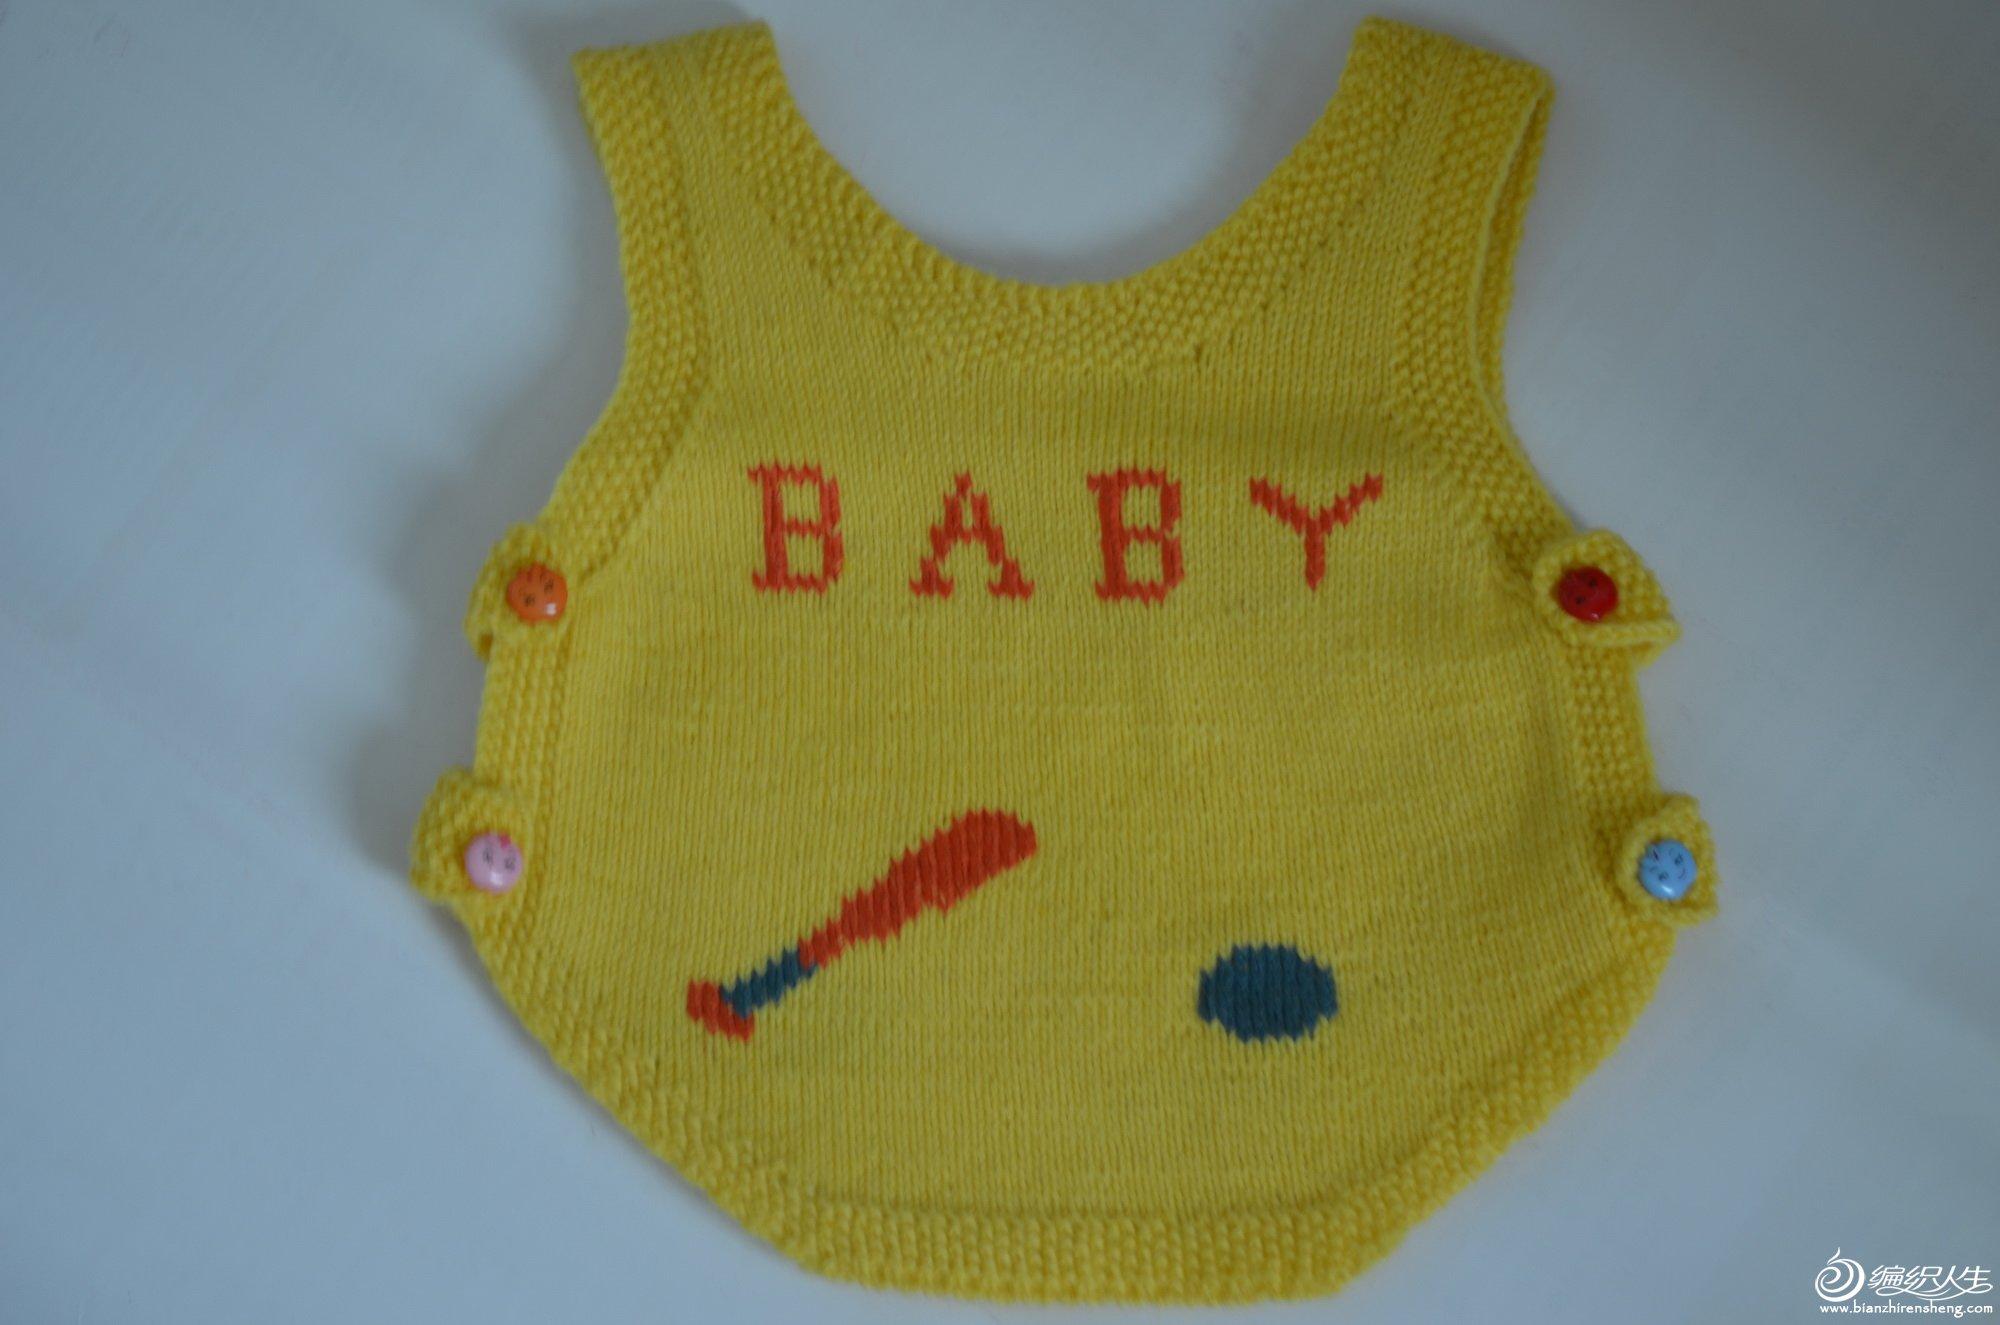 这件小背心是我姐姐编织的,十分可爱,发上来给大家看看,有喜欢的可以仿照织。(第一次发帖,不知道发的地方对不对)